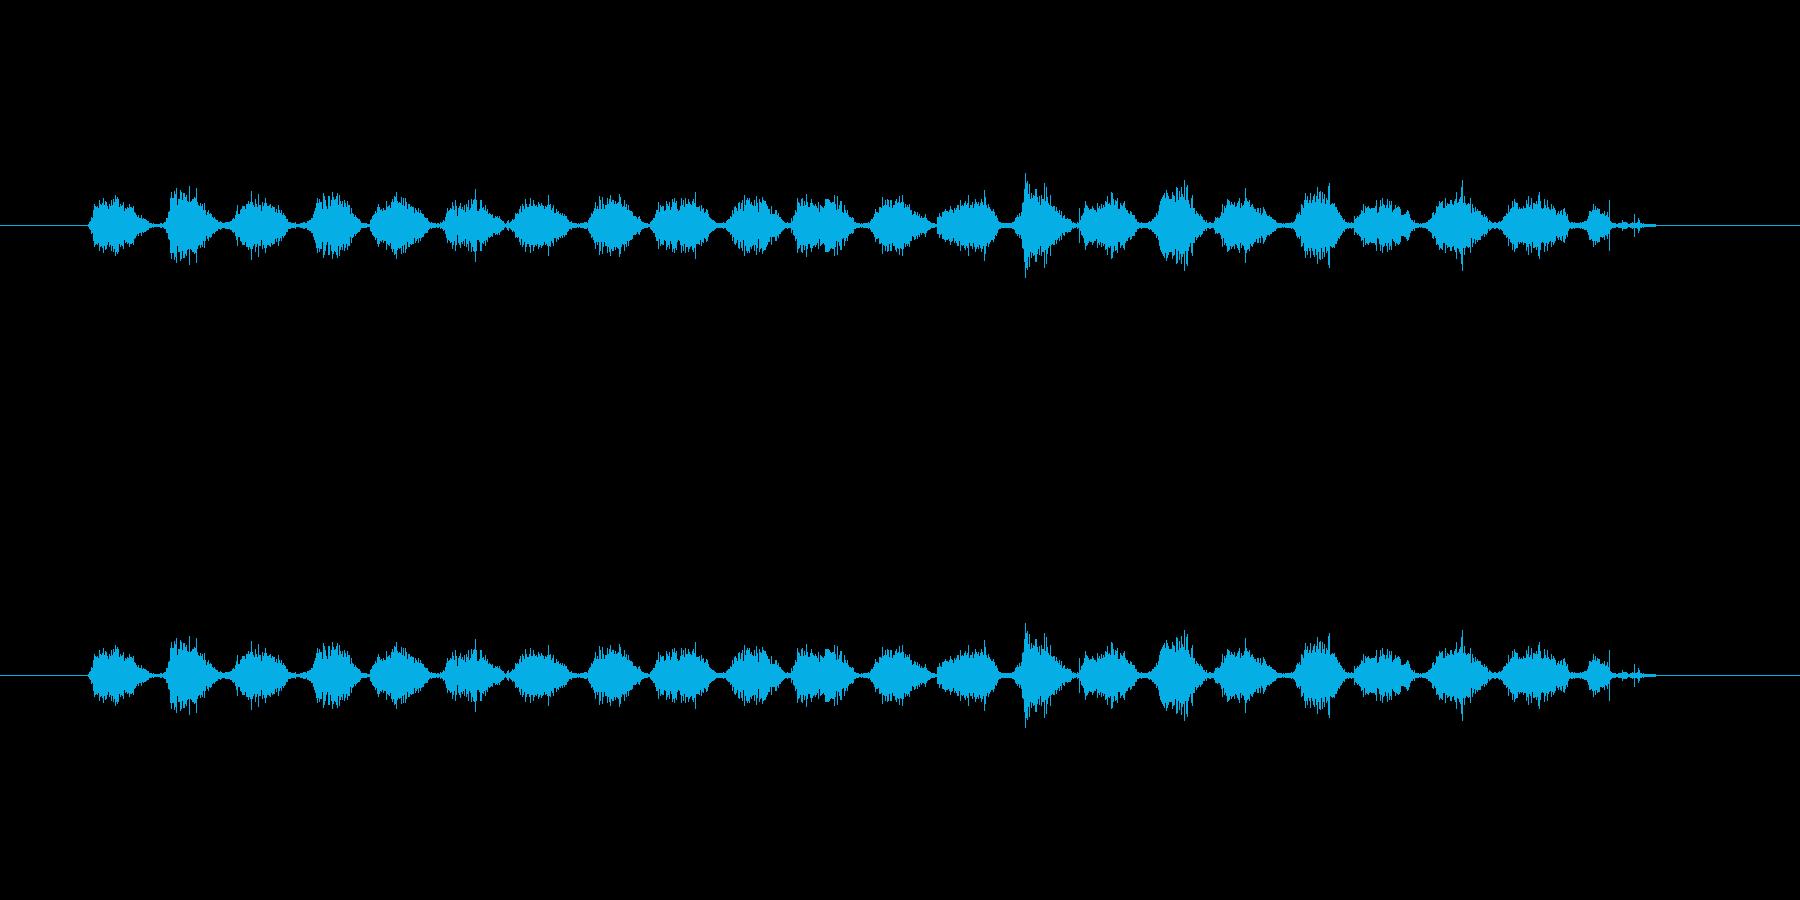 【シャープペン01-11(塗りつぶす)】の再生済みの波形